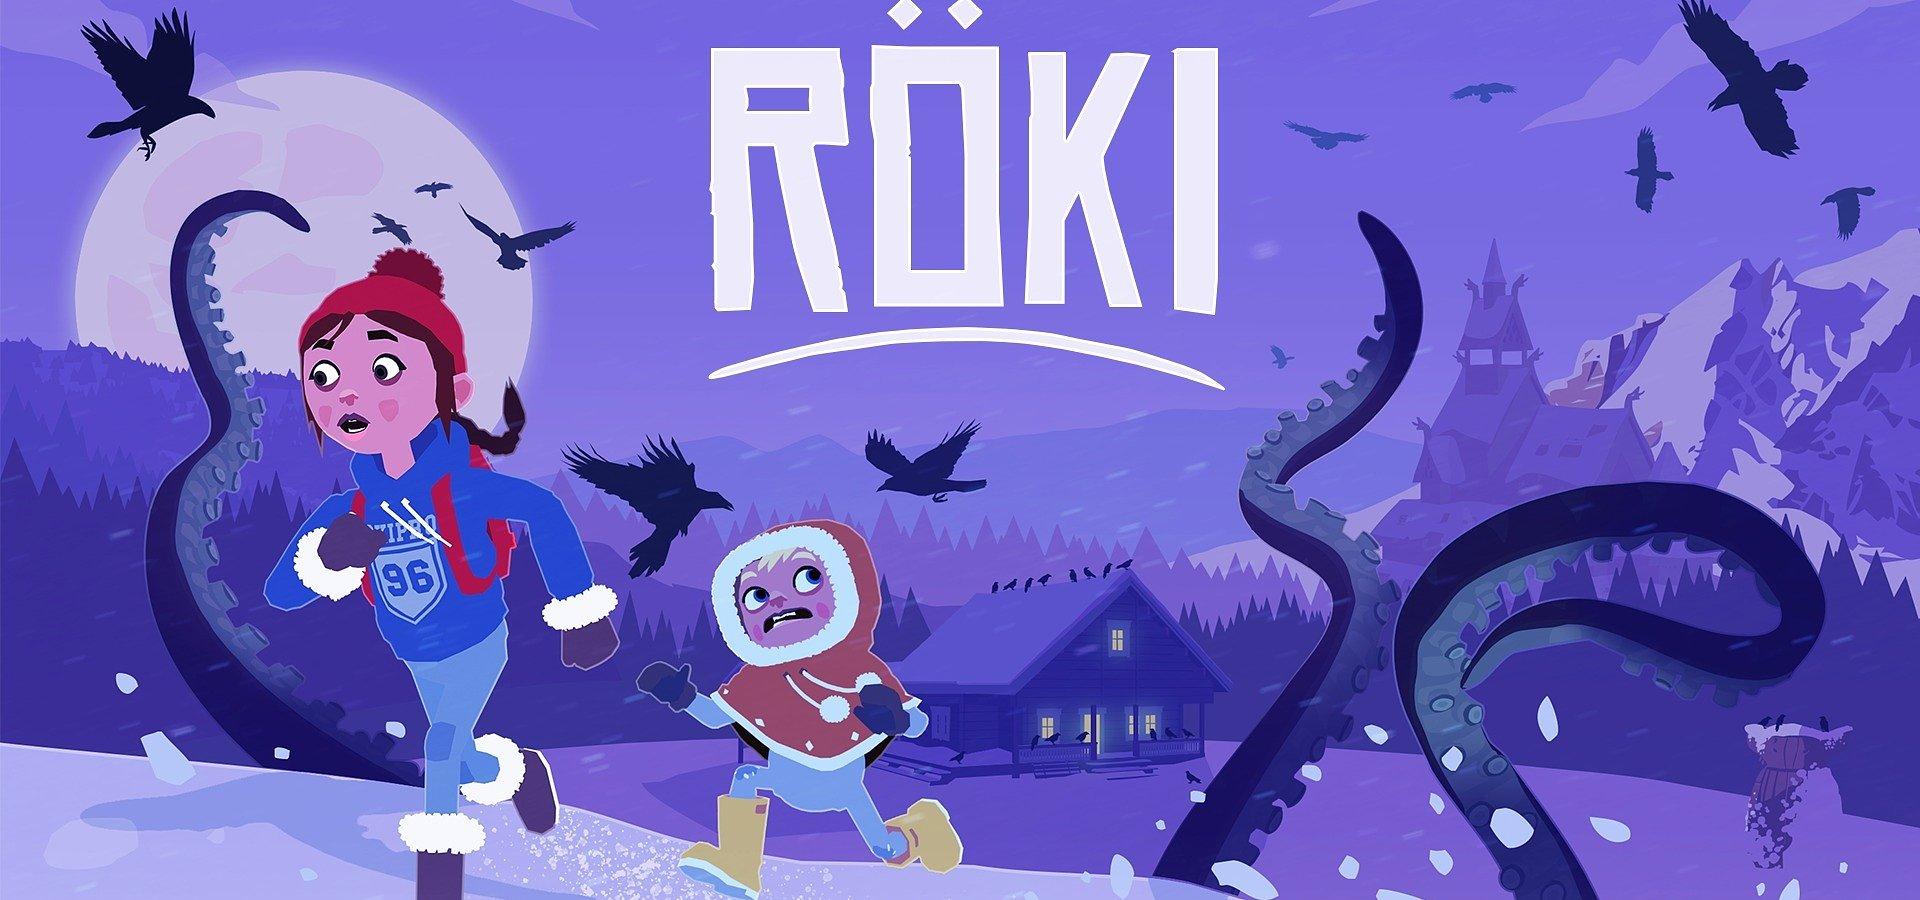 Wielokrotnie nagradzana mroczna baśń Röki zadebiutuje na PS5 i Xbox Series X|S 28 października